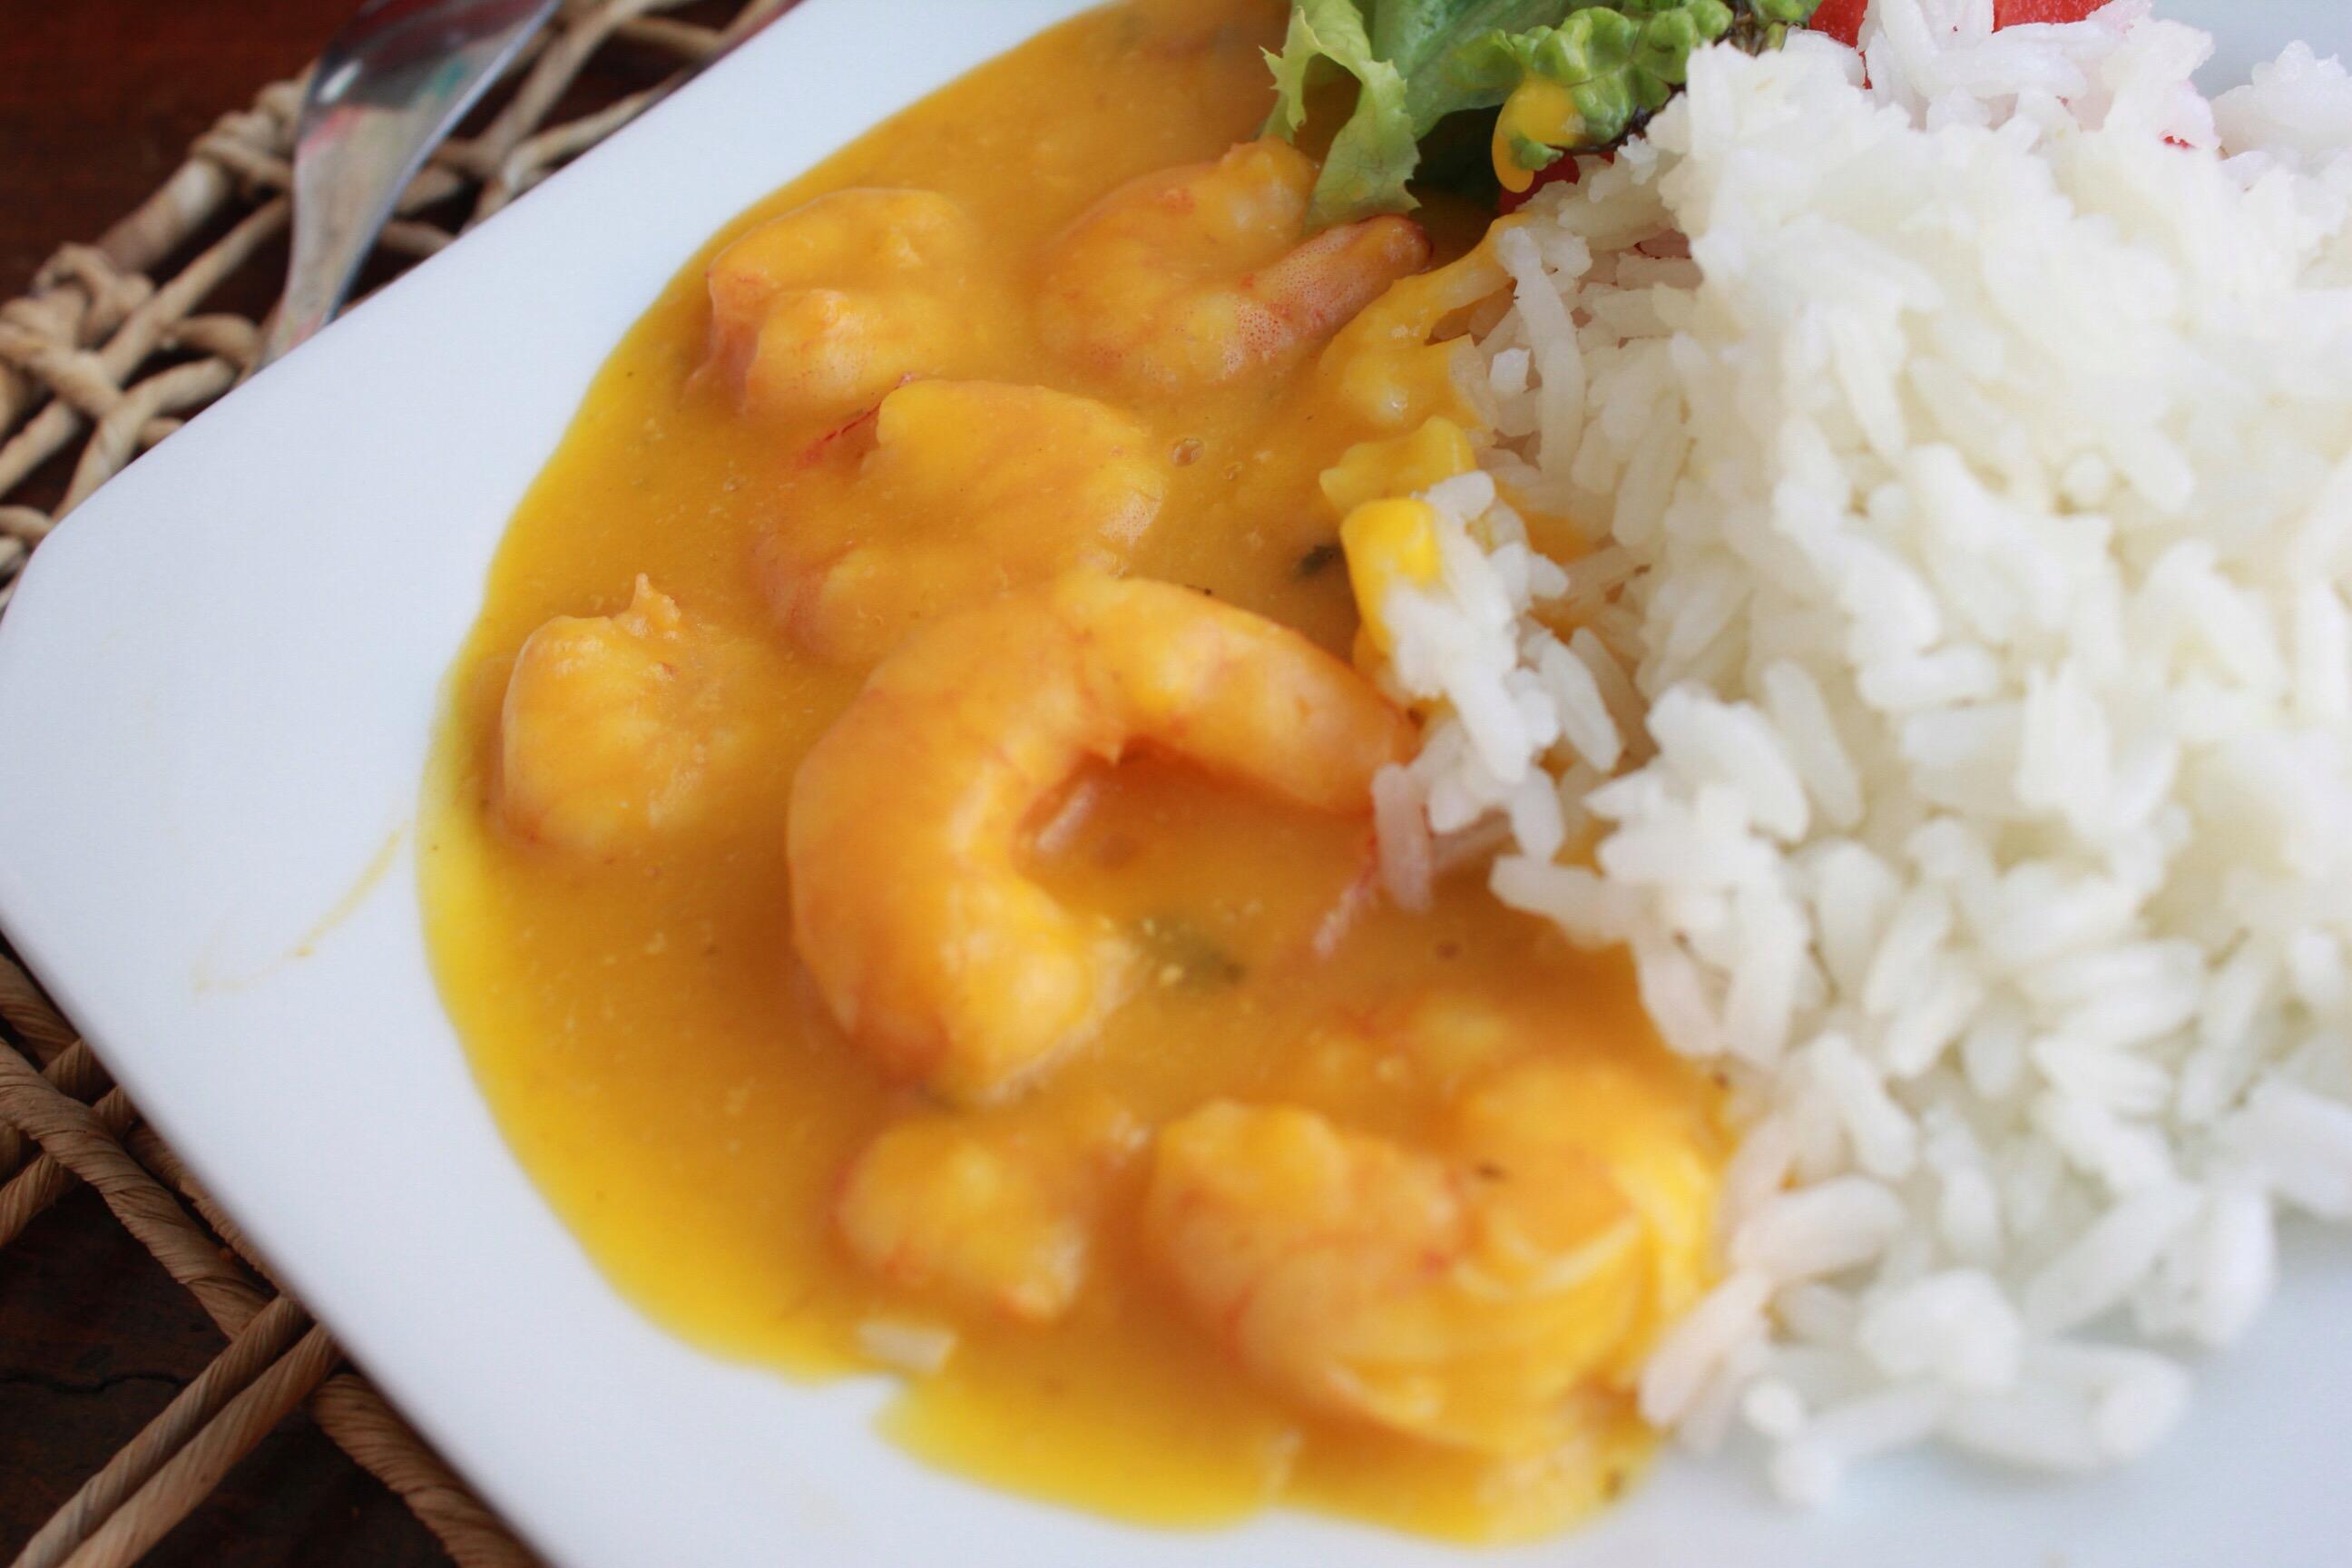 Restaurante renomado de cozinha baiana está presente no Outlet Premium